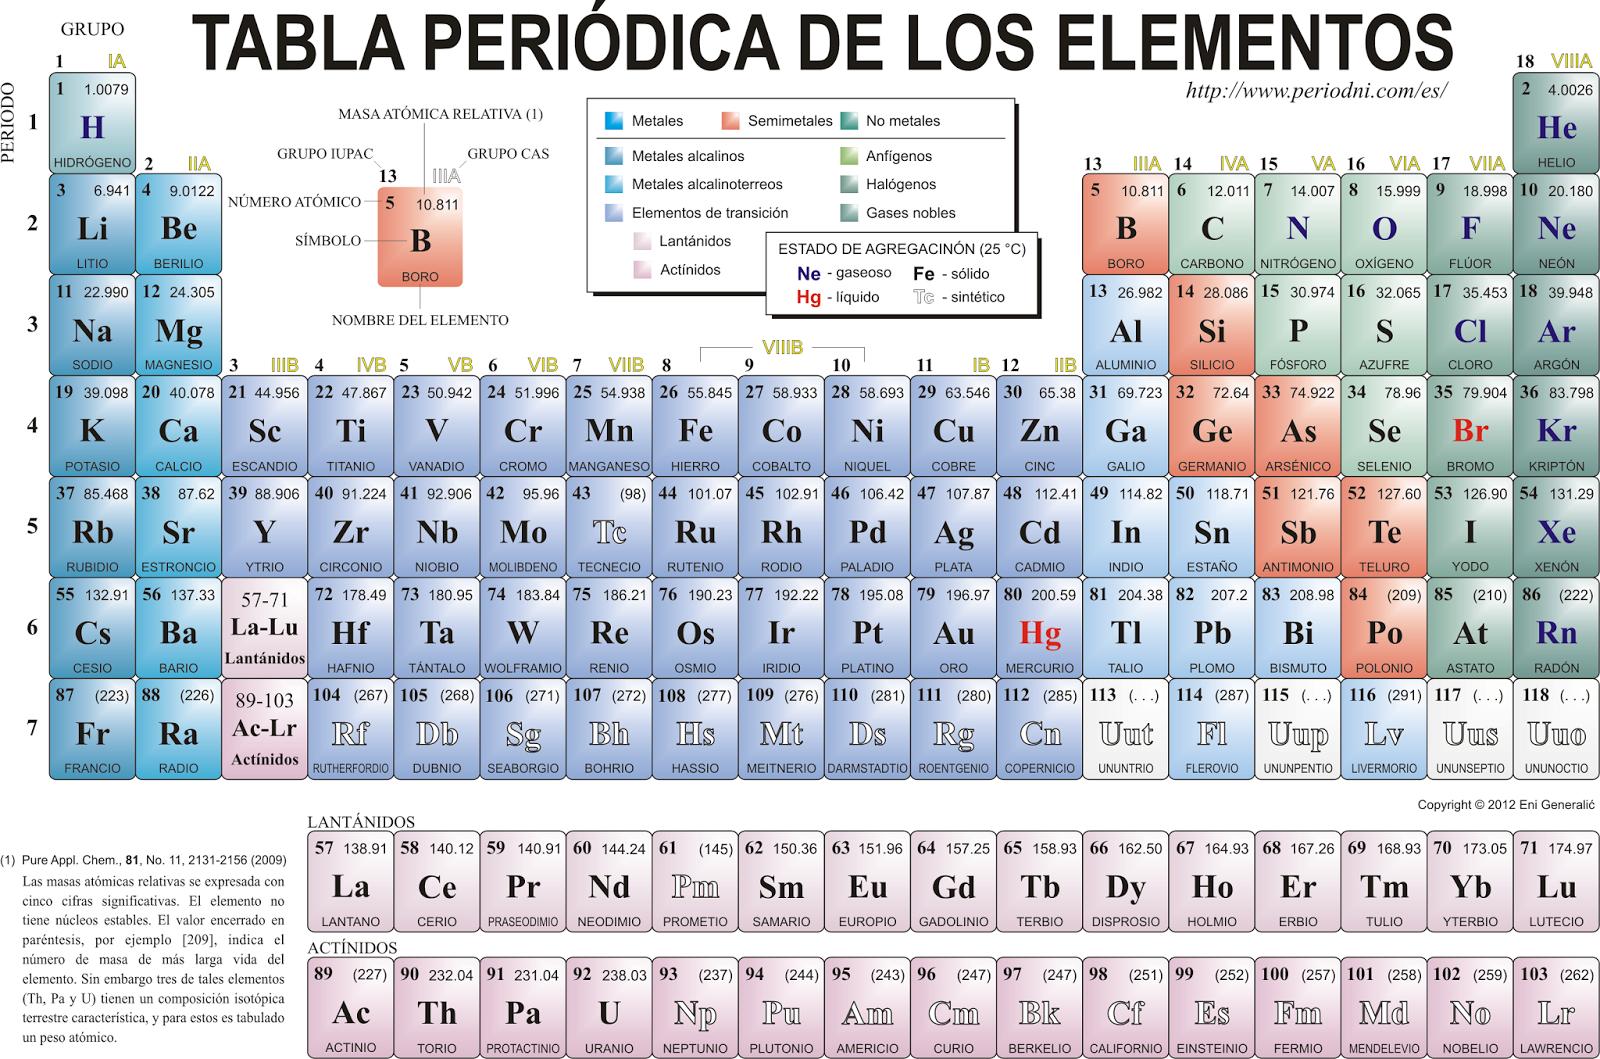 Conociendo la tabla periodica tabla peridica actual modelo actual de la tabla peridica urtaz Image collections